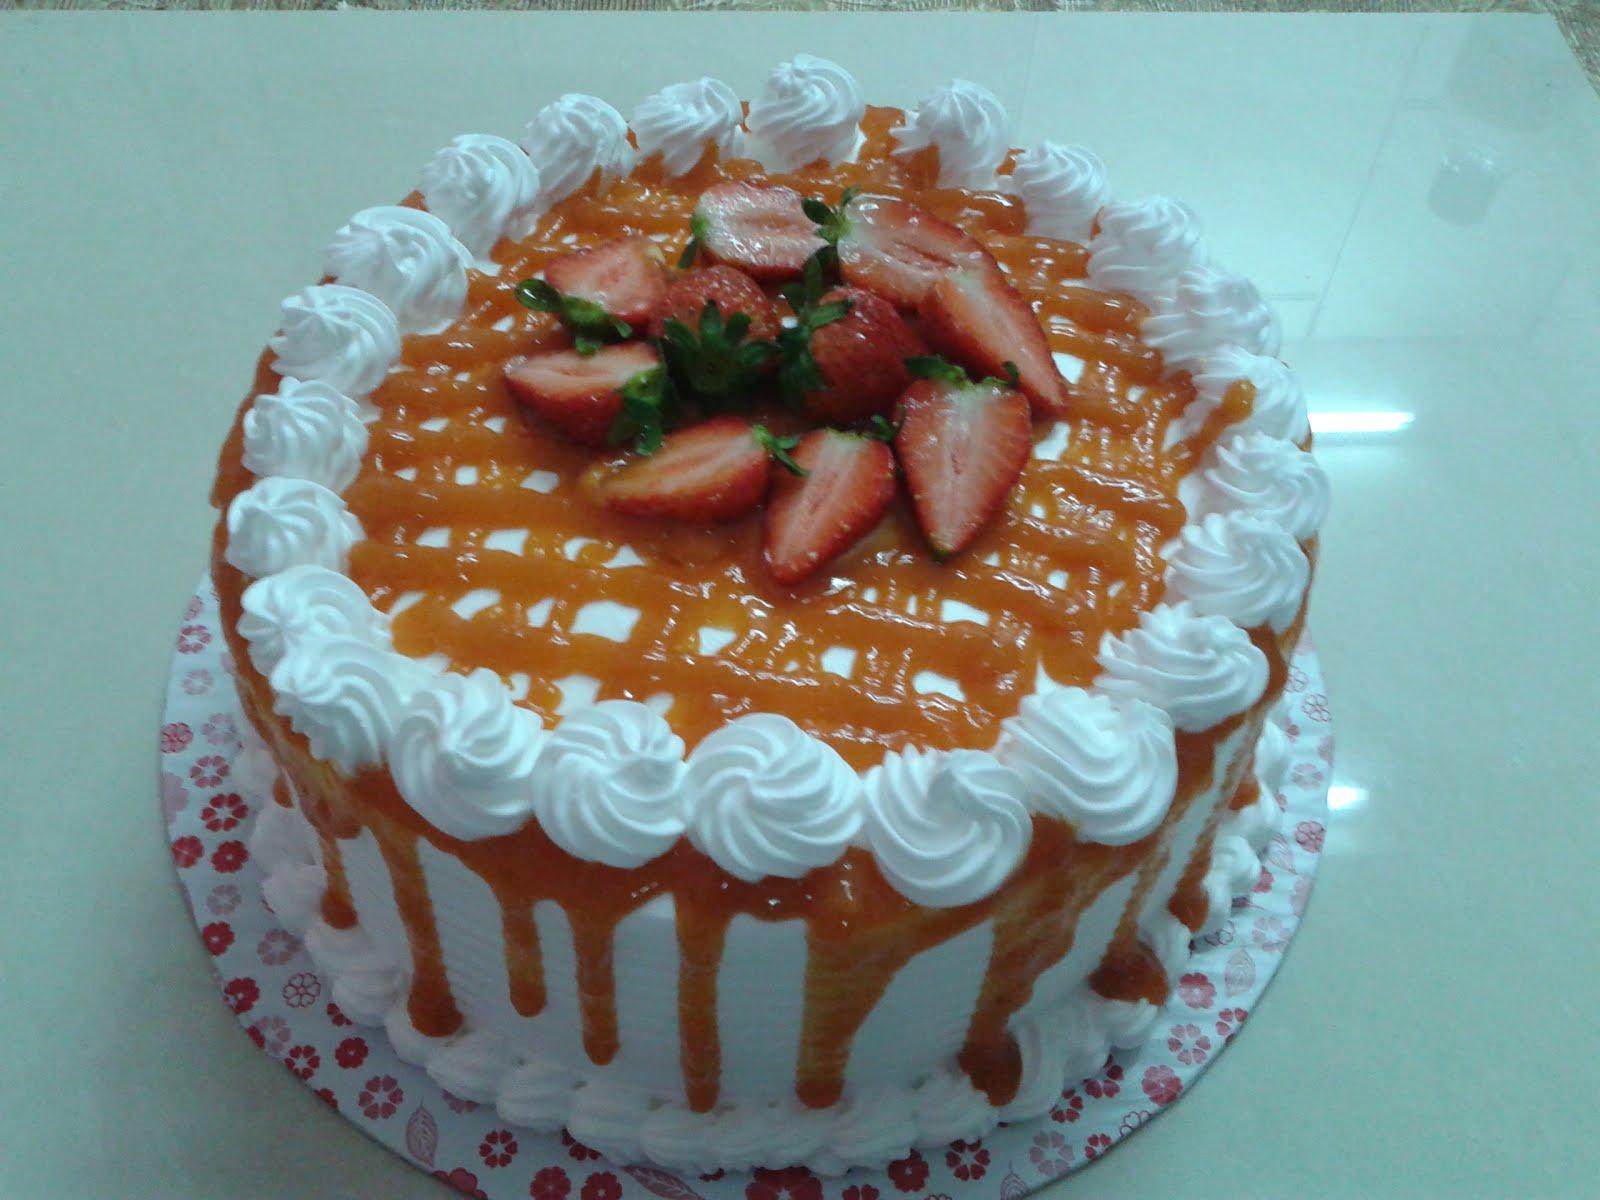 MANGO TANGO CAKE - RM60